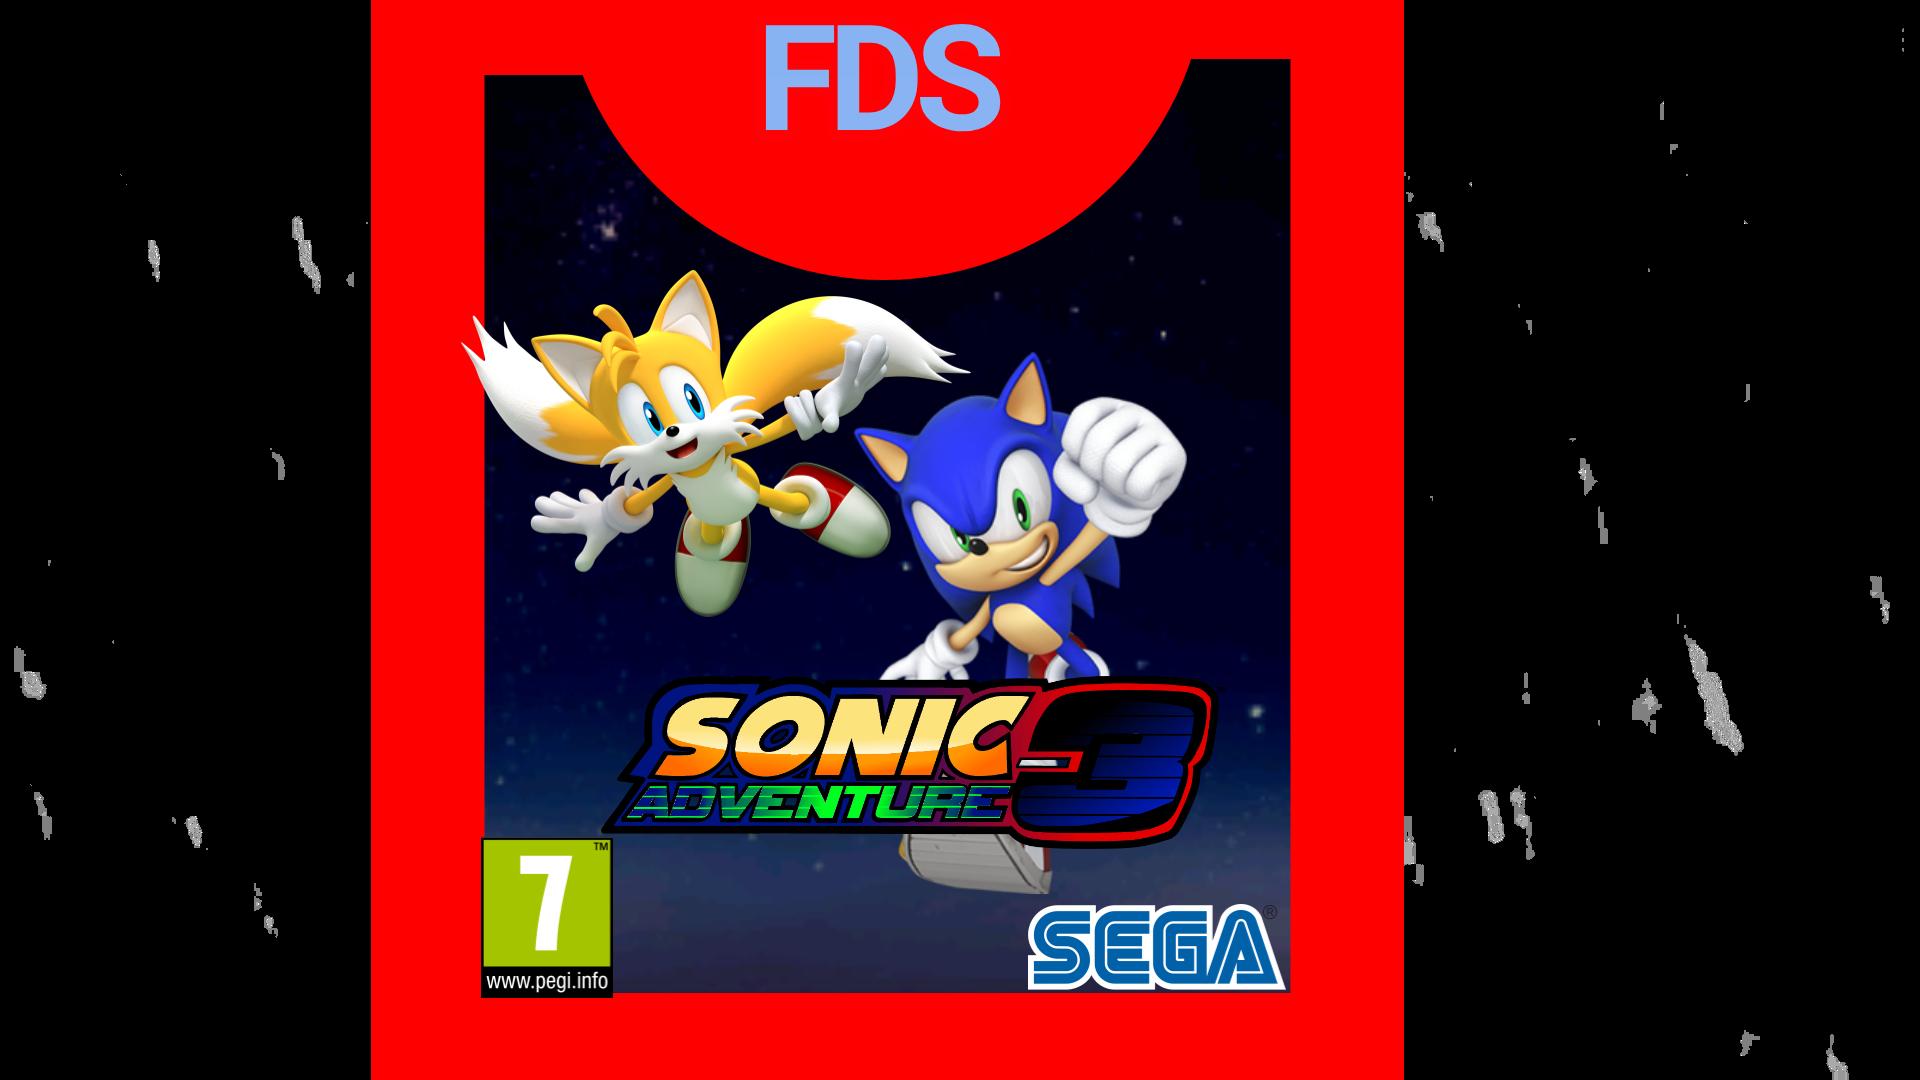 *Sonic Adventure 3*